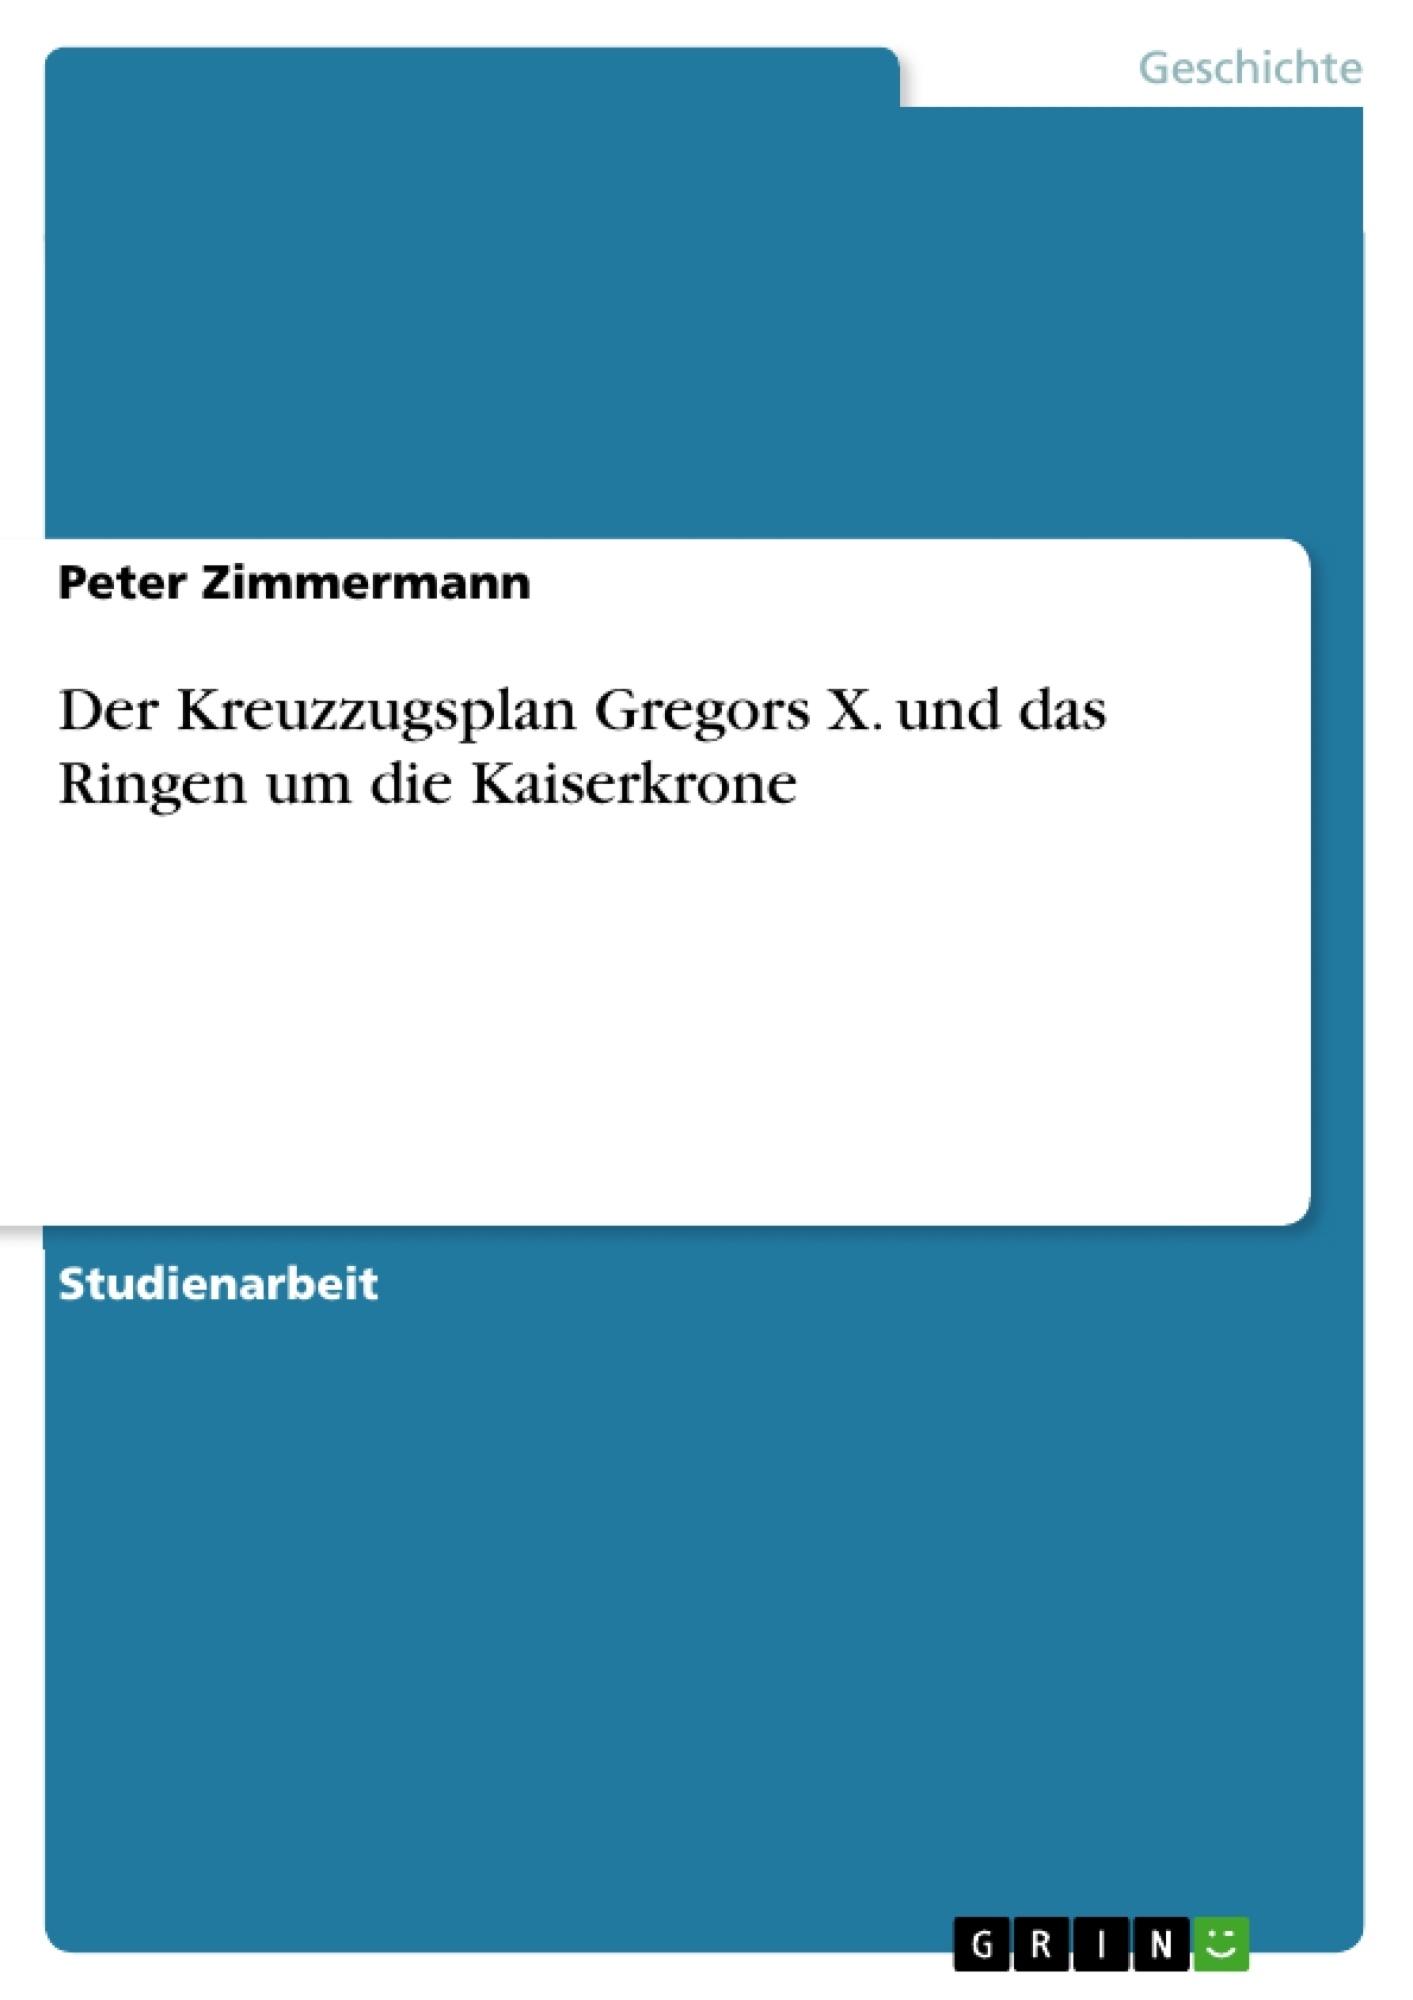 Titel: Der Kreuzzugsplan Gregors X. und das Ringen um die Kaiserkrone